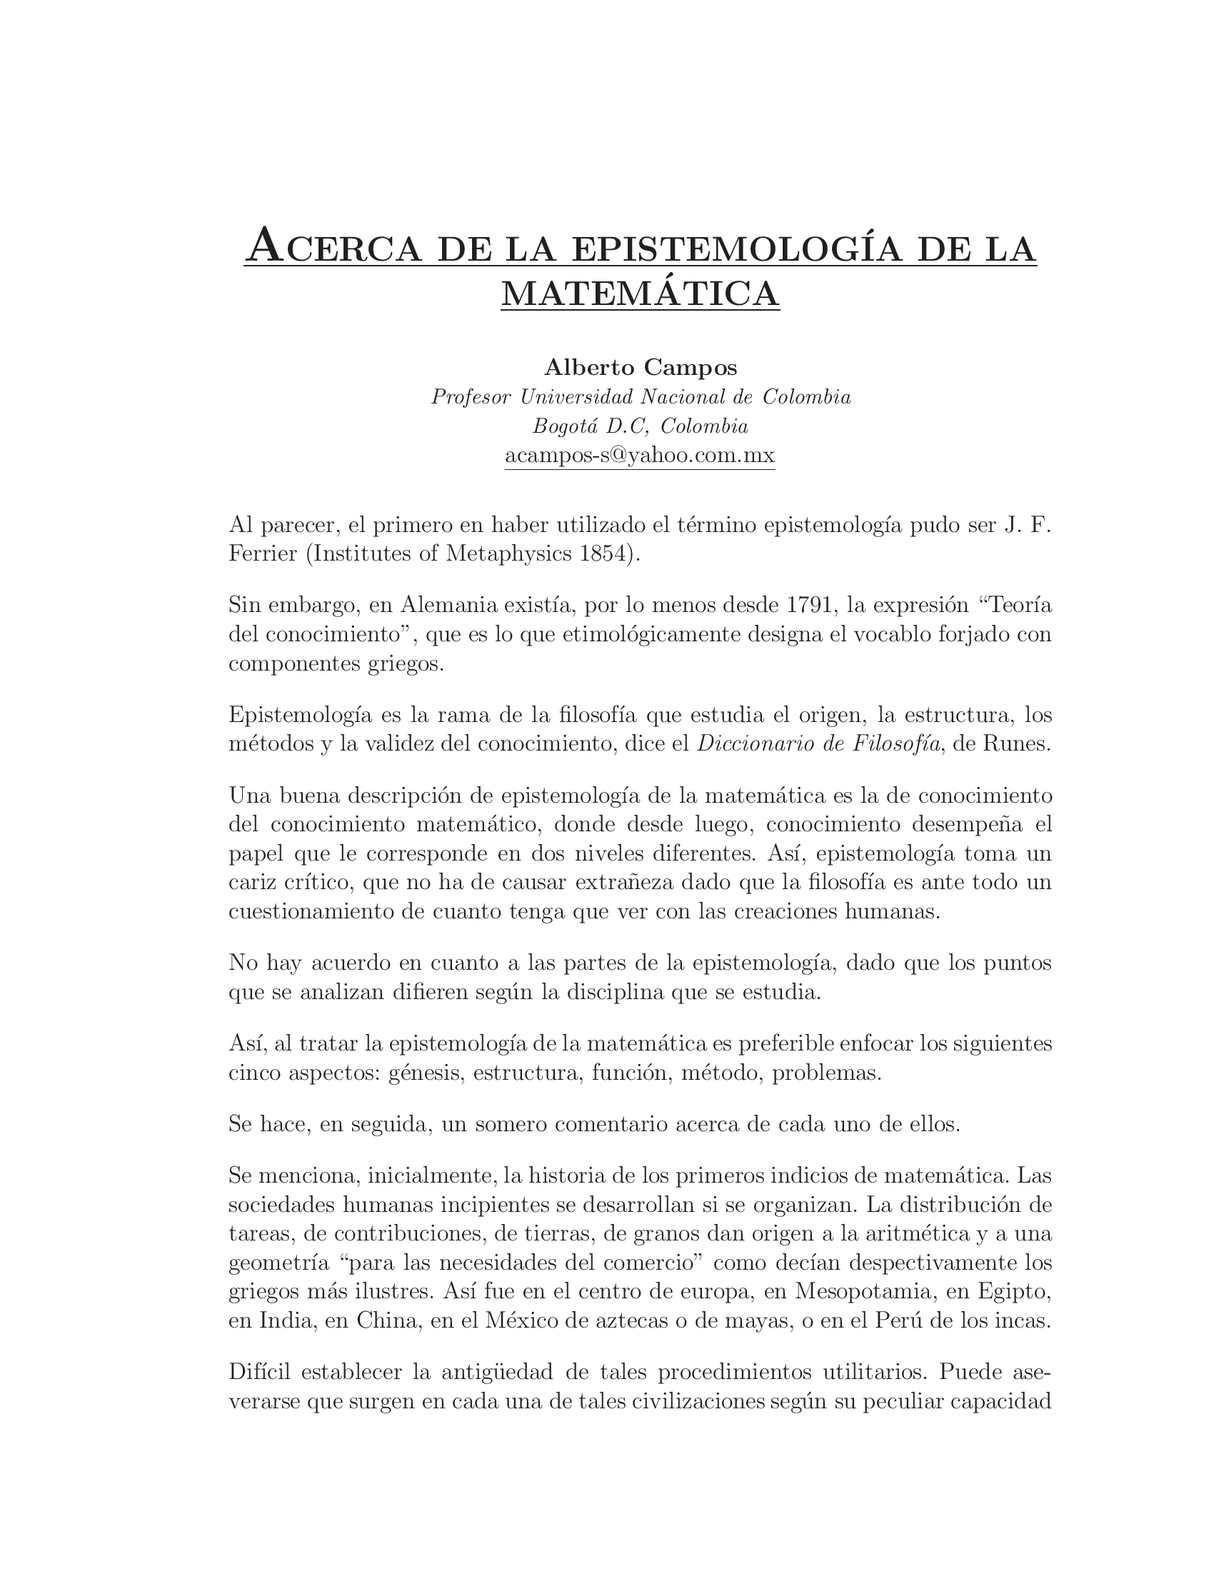 Epistemología de la matemática - Alberto Campos